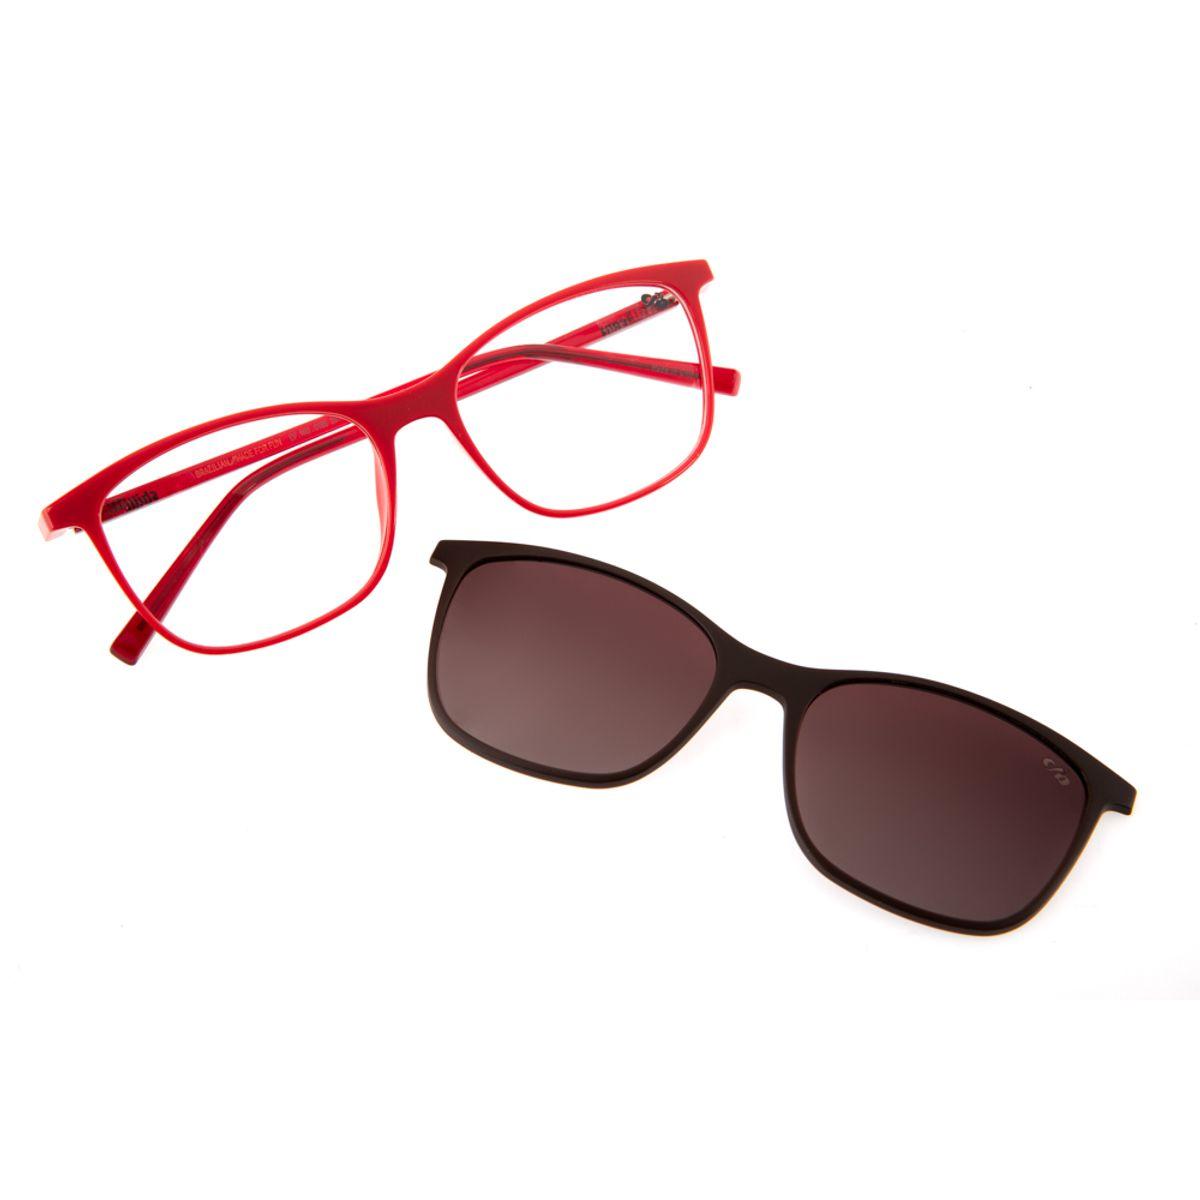 e7188ccb35095 Armação para Óculos de Grau Feminino Chilli Beans Multi 2 em 1 ...